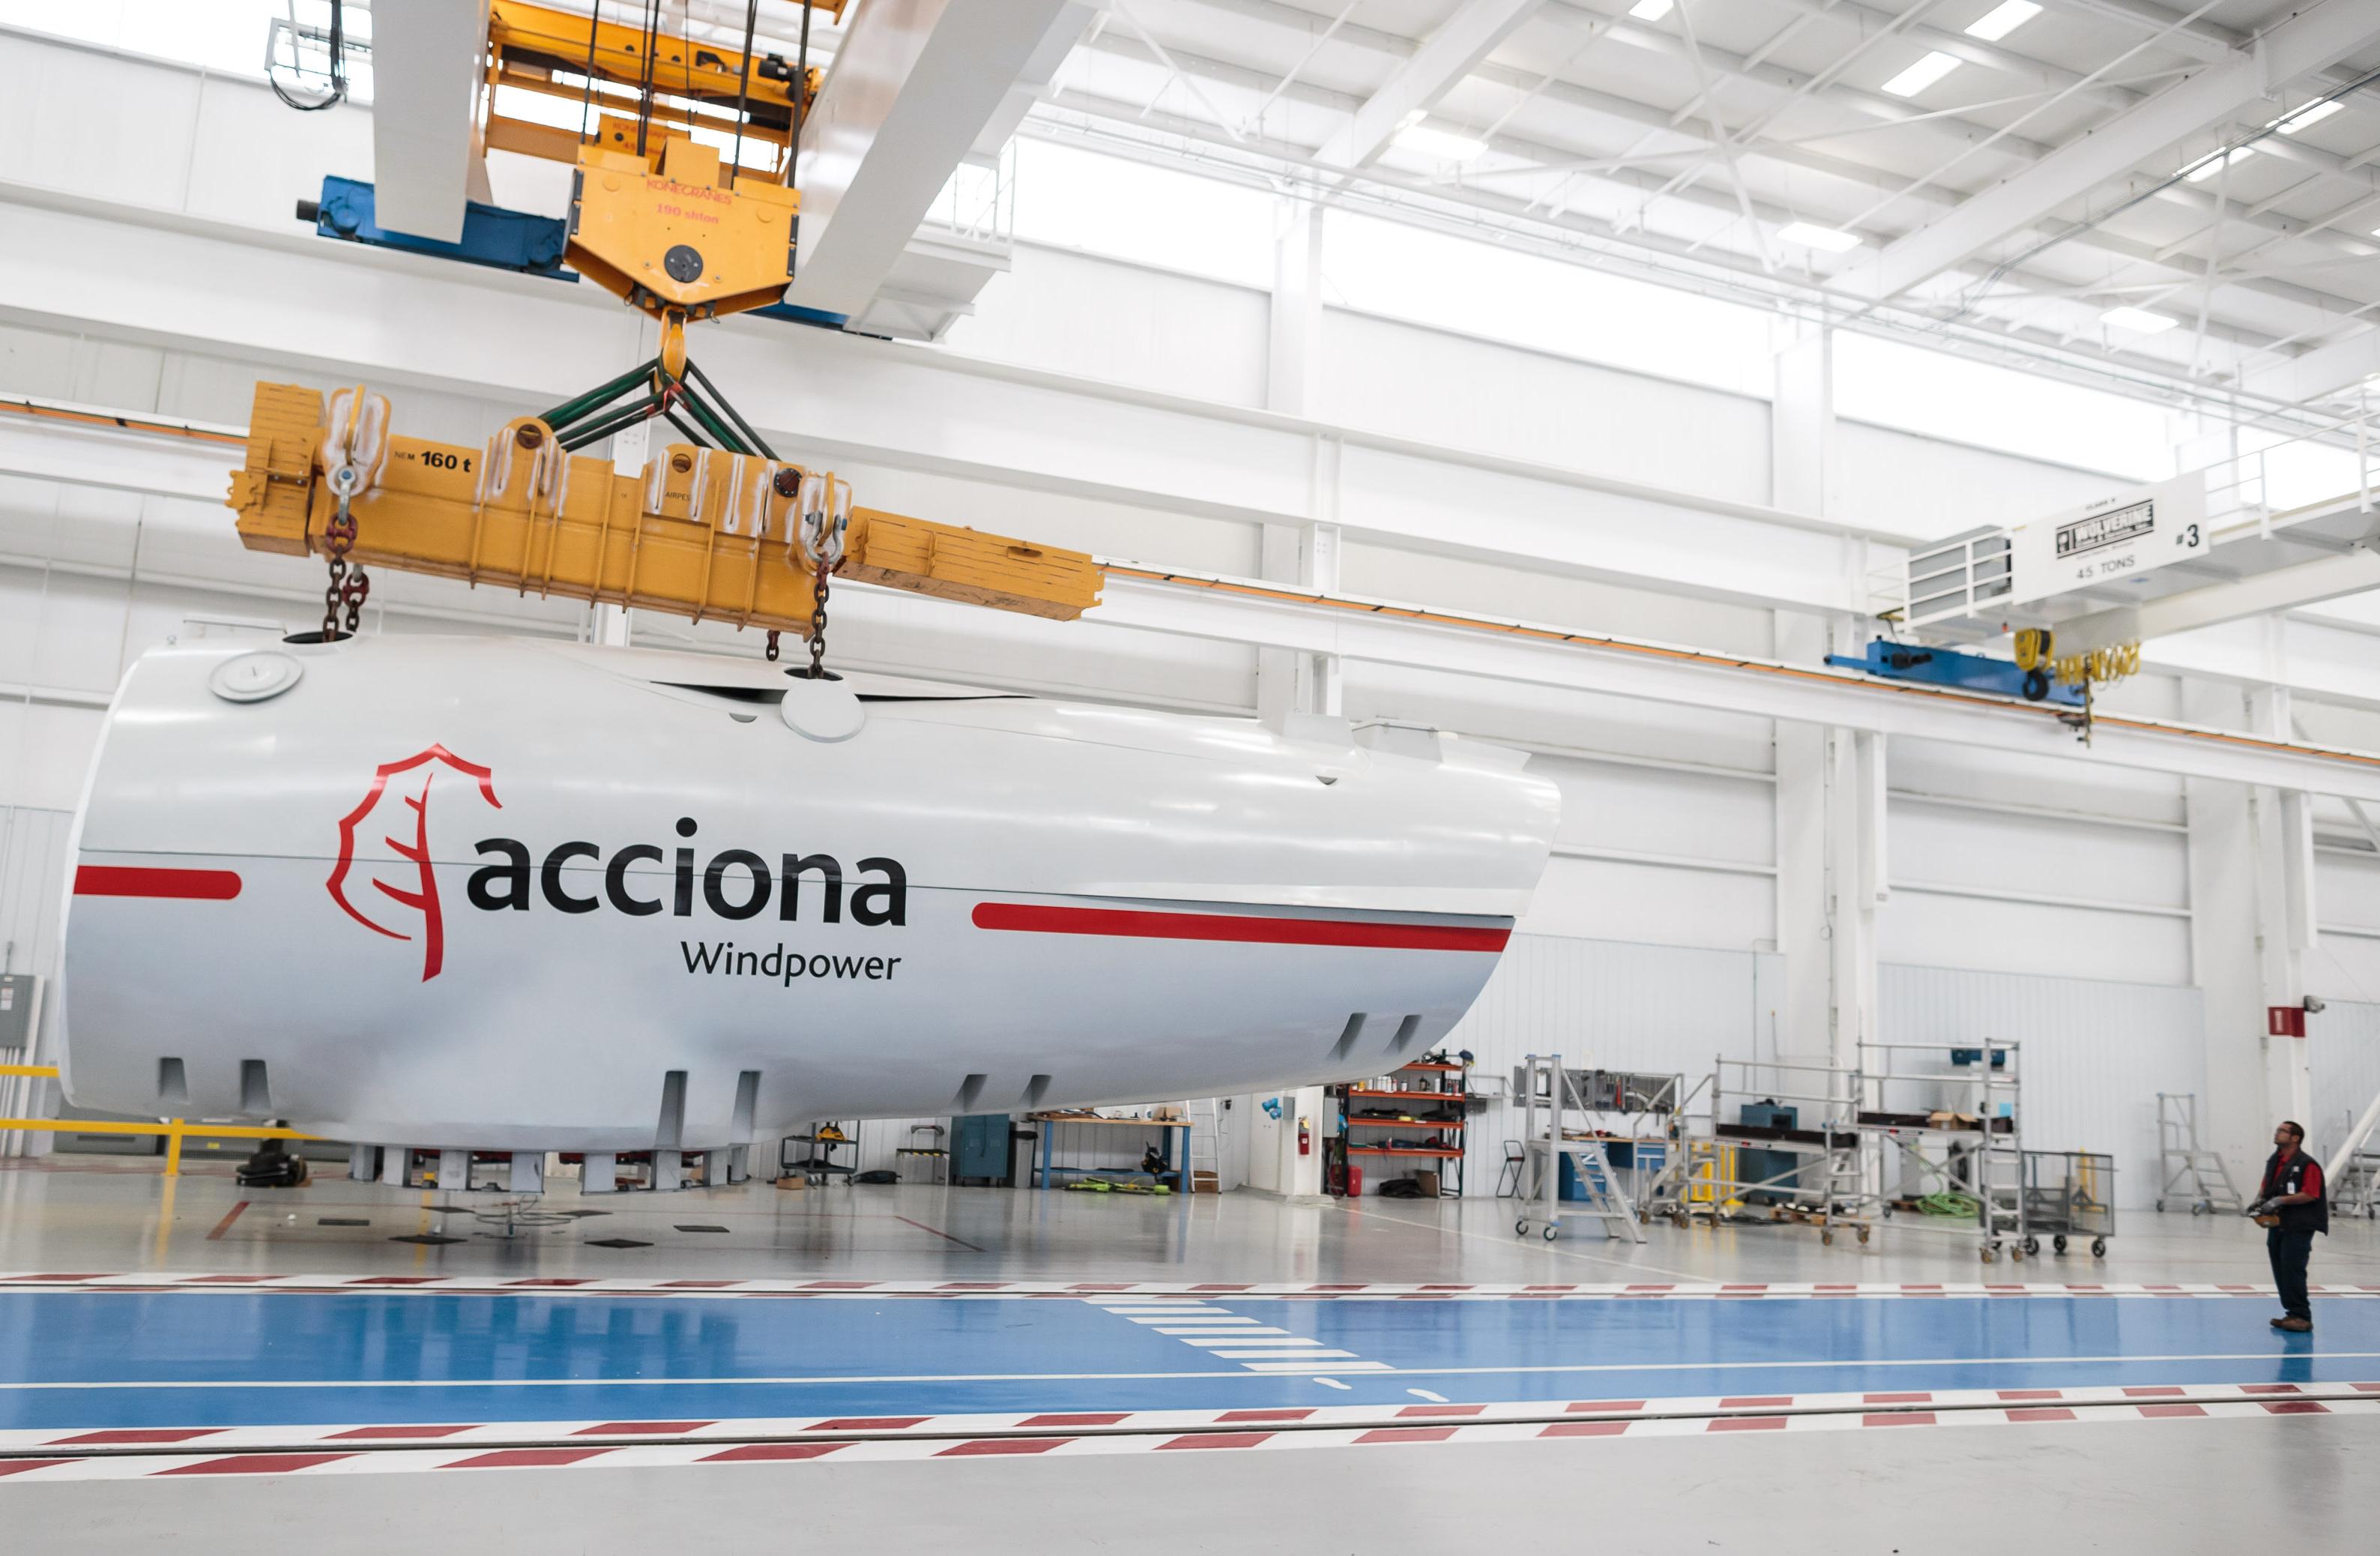 Eólica en Brasil: Acciona Windpower instala fabrica de aerogeneradores